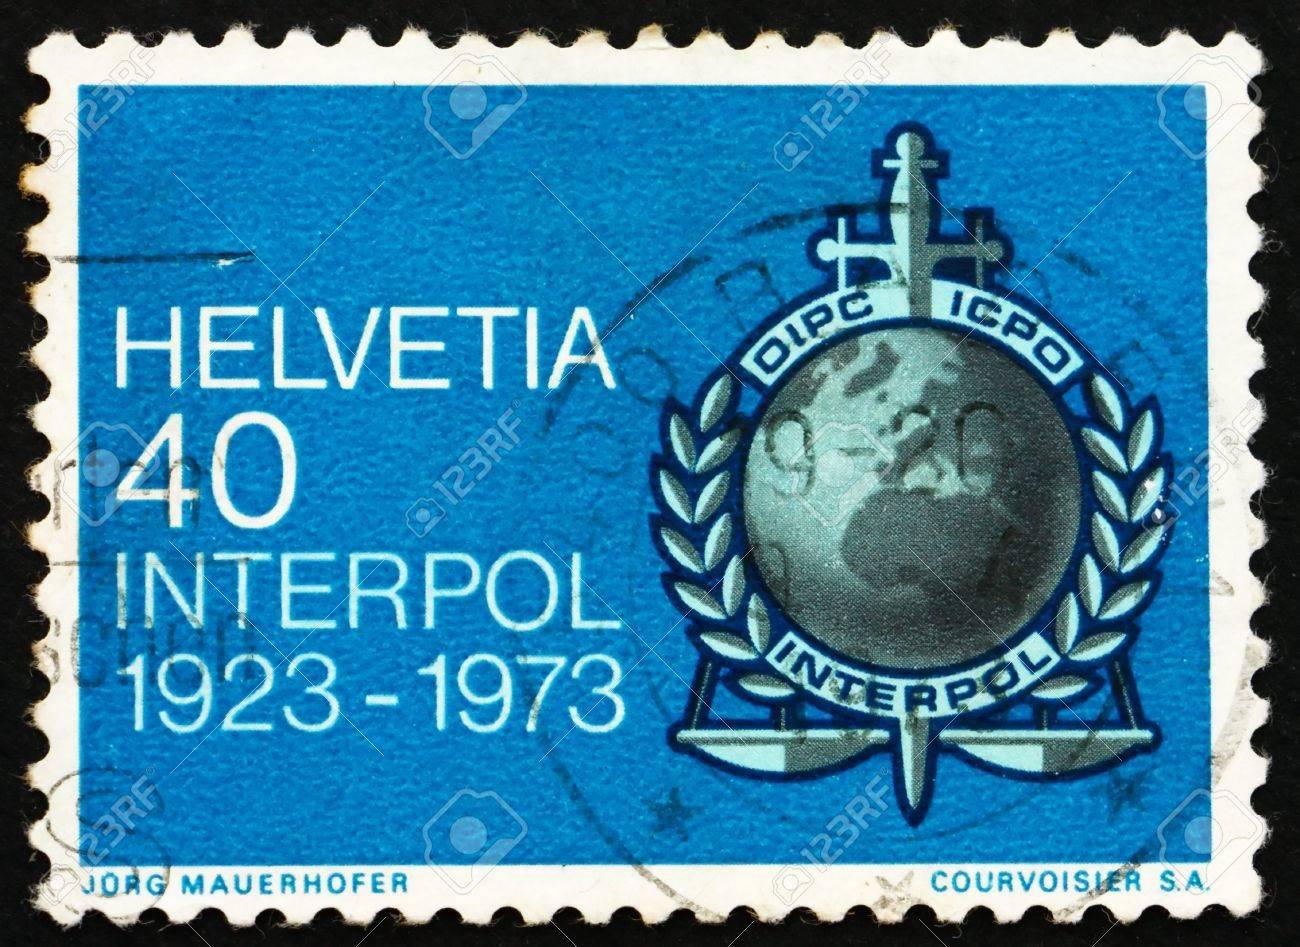 スイス - 1973 年頃: スイス連邦共和国で国際刑事警察機構の紋章は ...